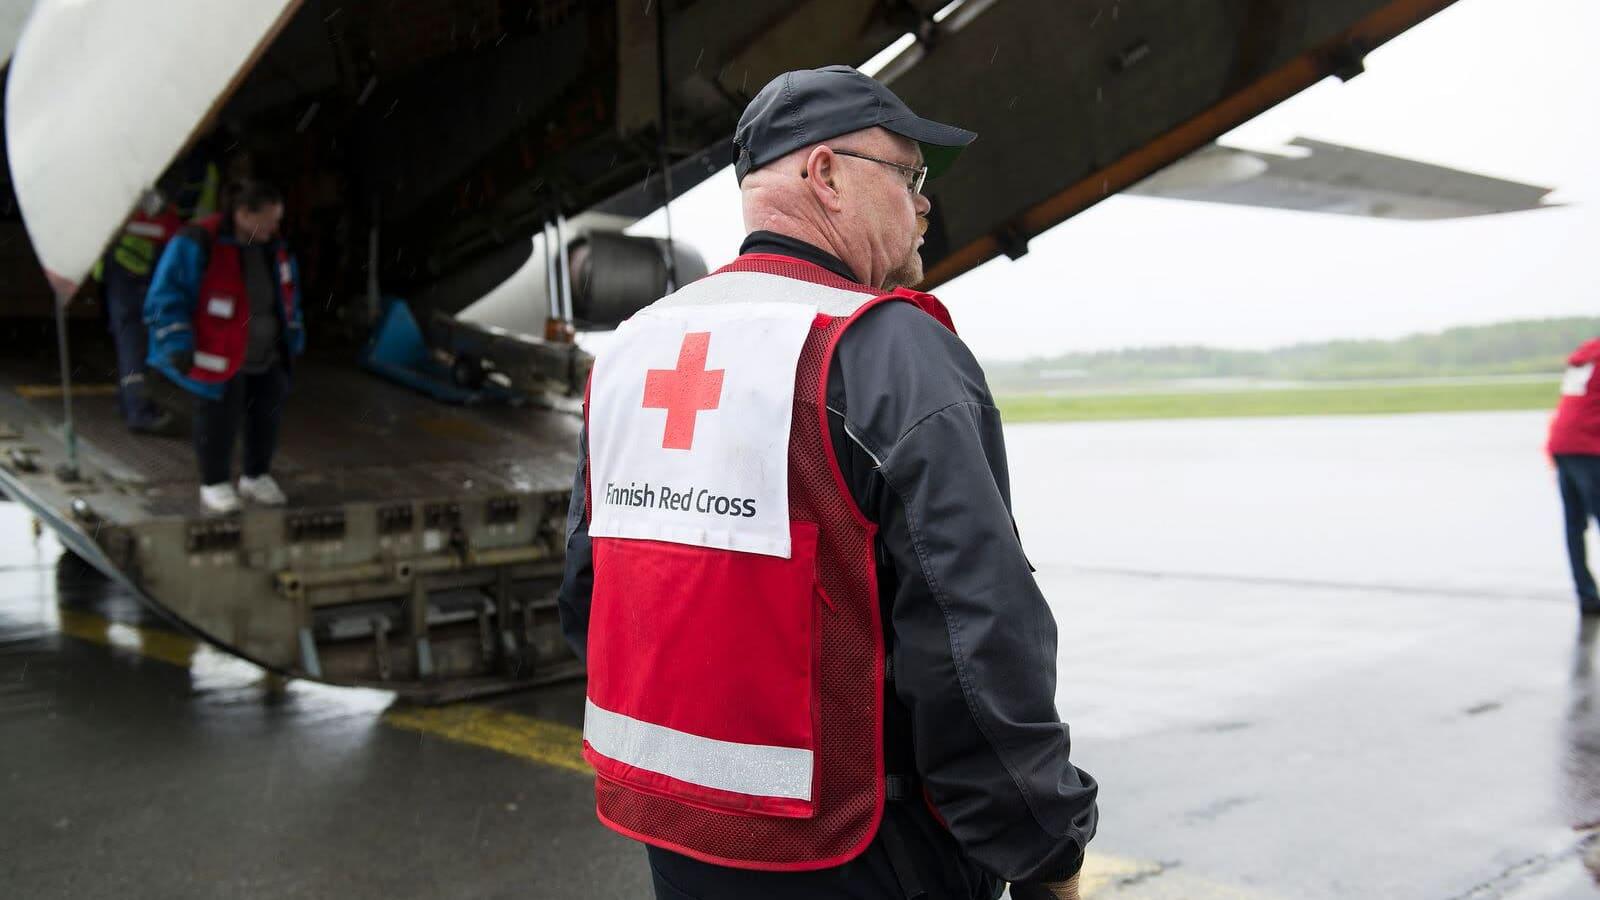 SPR:n avustajia Pirkkalan lentokentällä toukokuussa 2015.